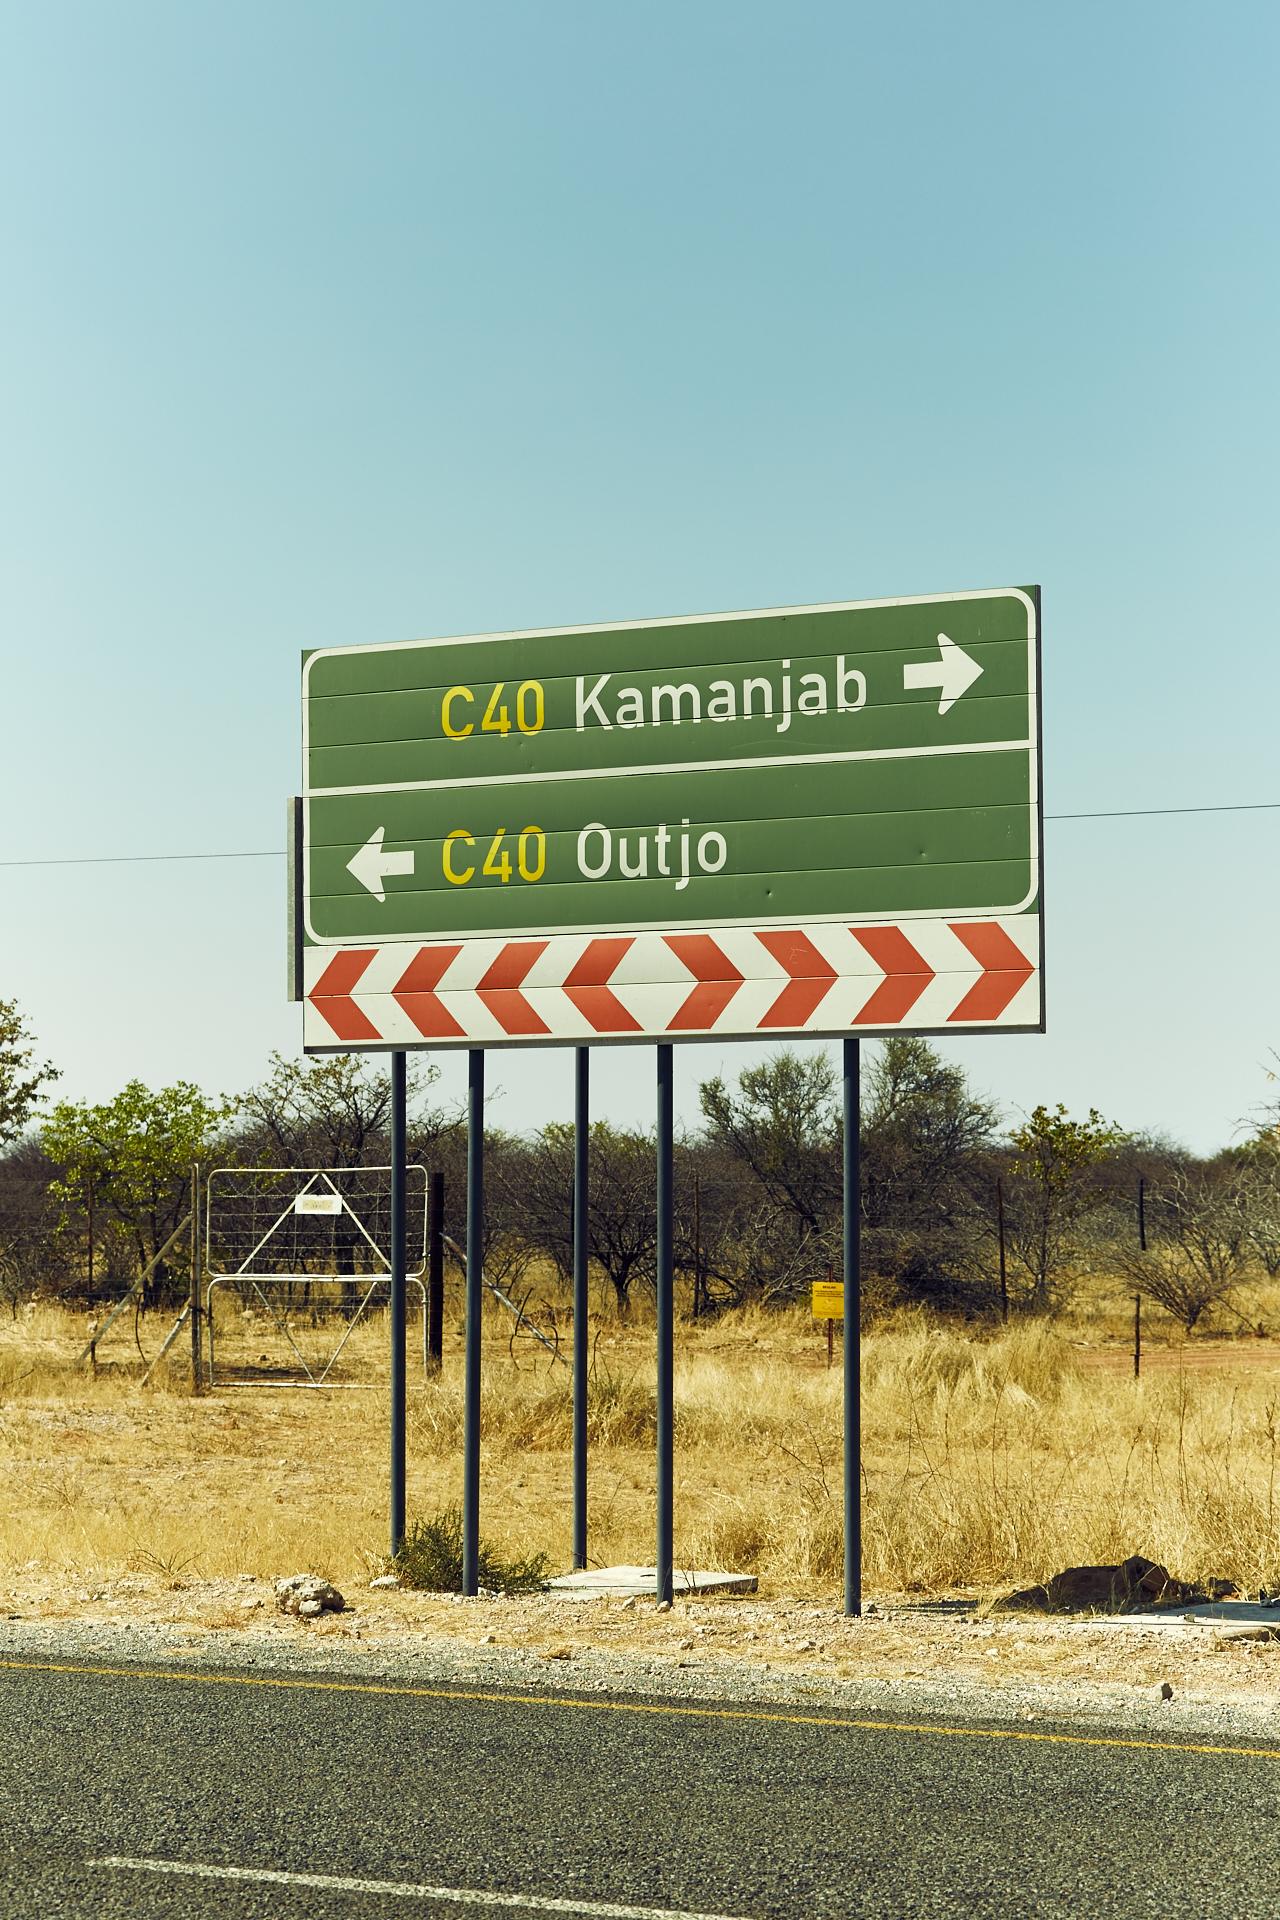 Outjo road sign